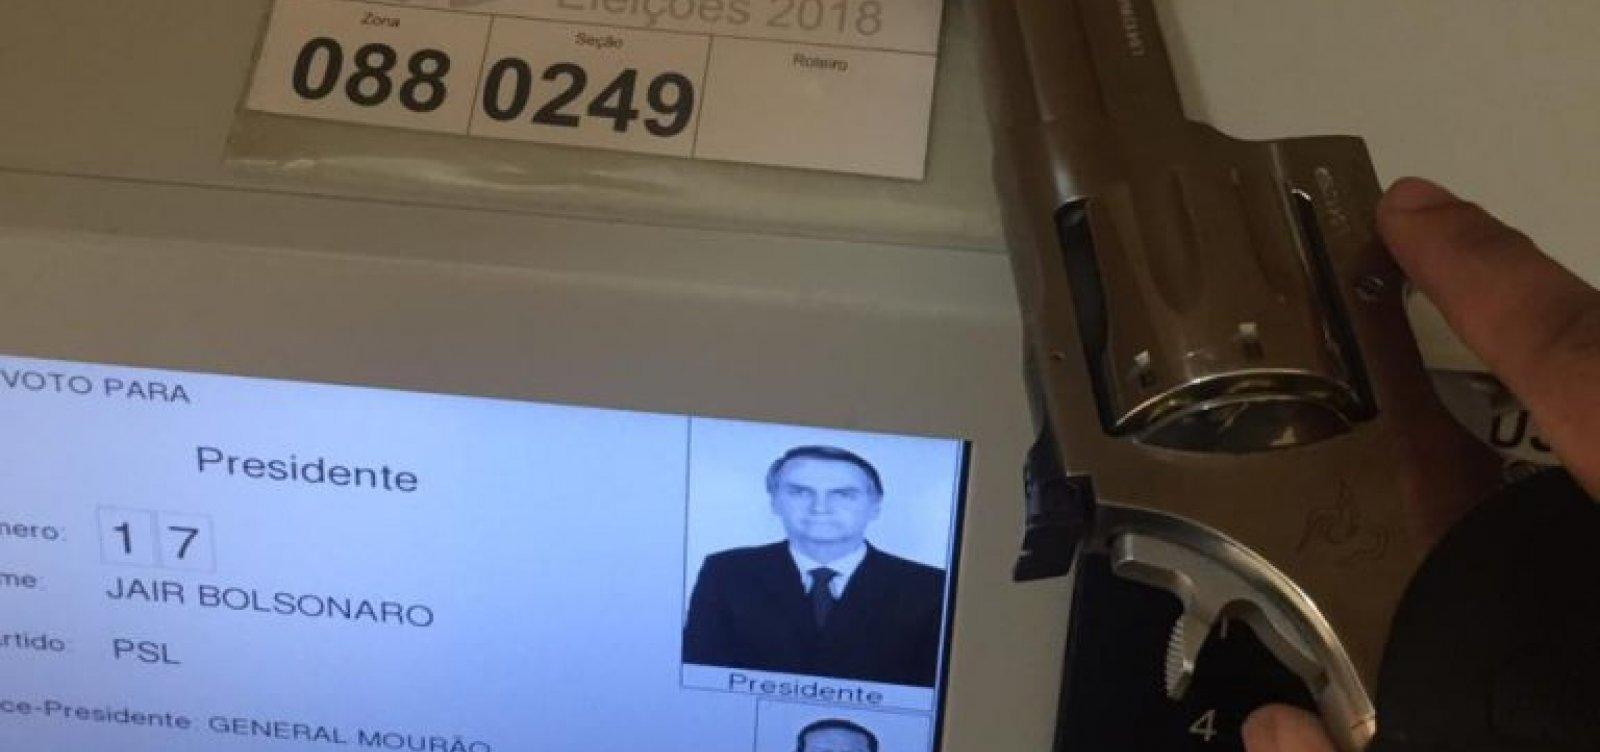 [Vídeo mostra eleitor de Bolsonaro armado na cabine de votação]